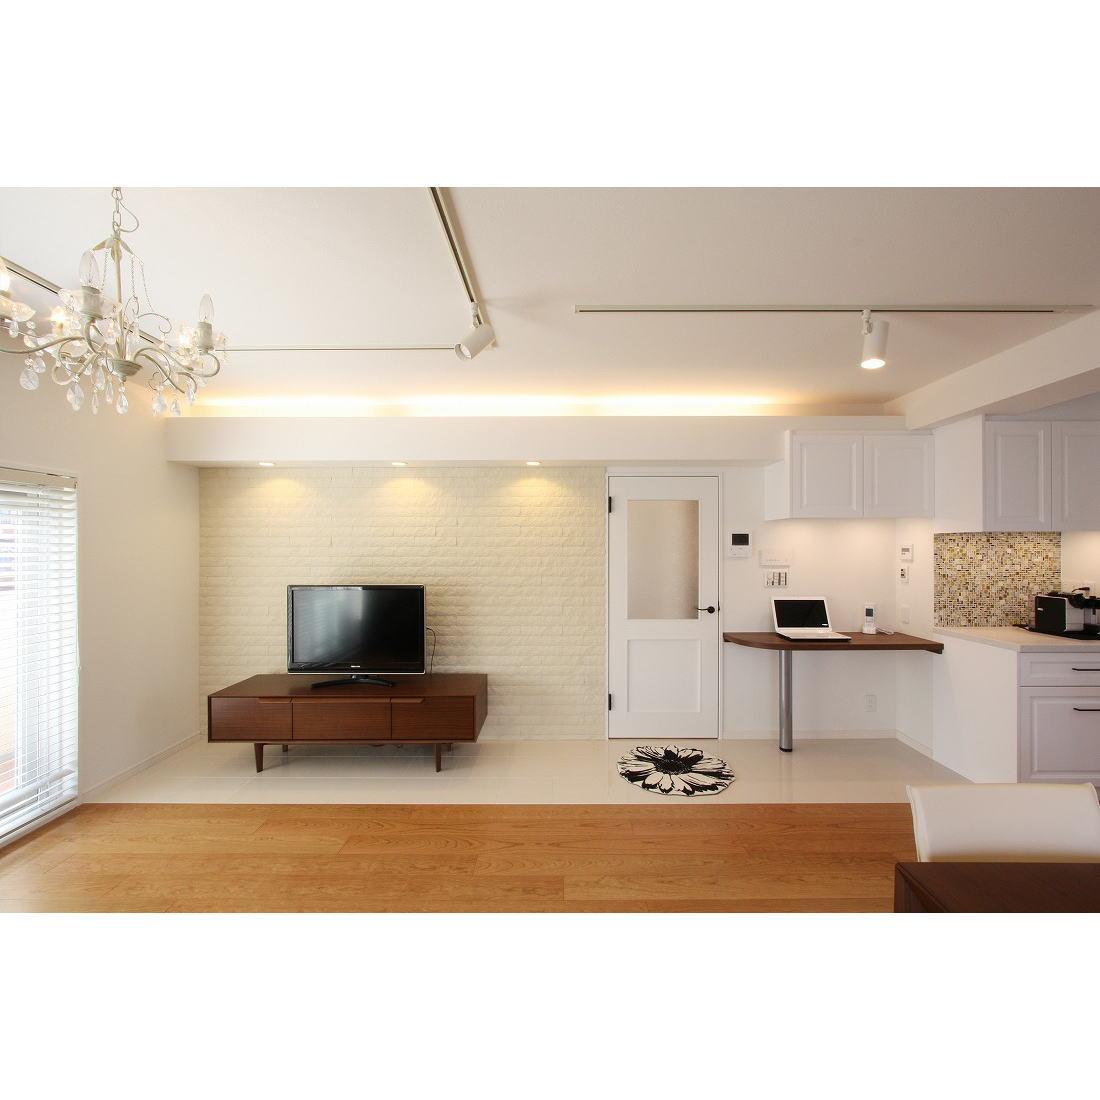 クラシックなバランスの取れた住空間の部屋 落ち着いた雰囲気のリビング